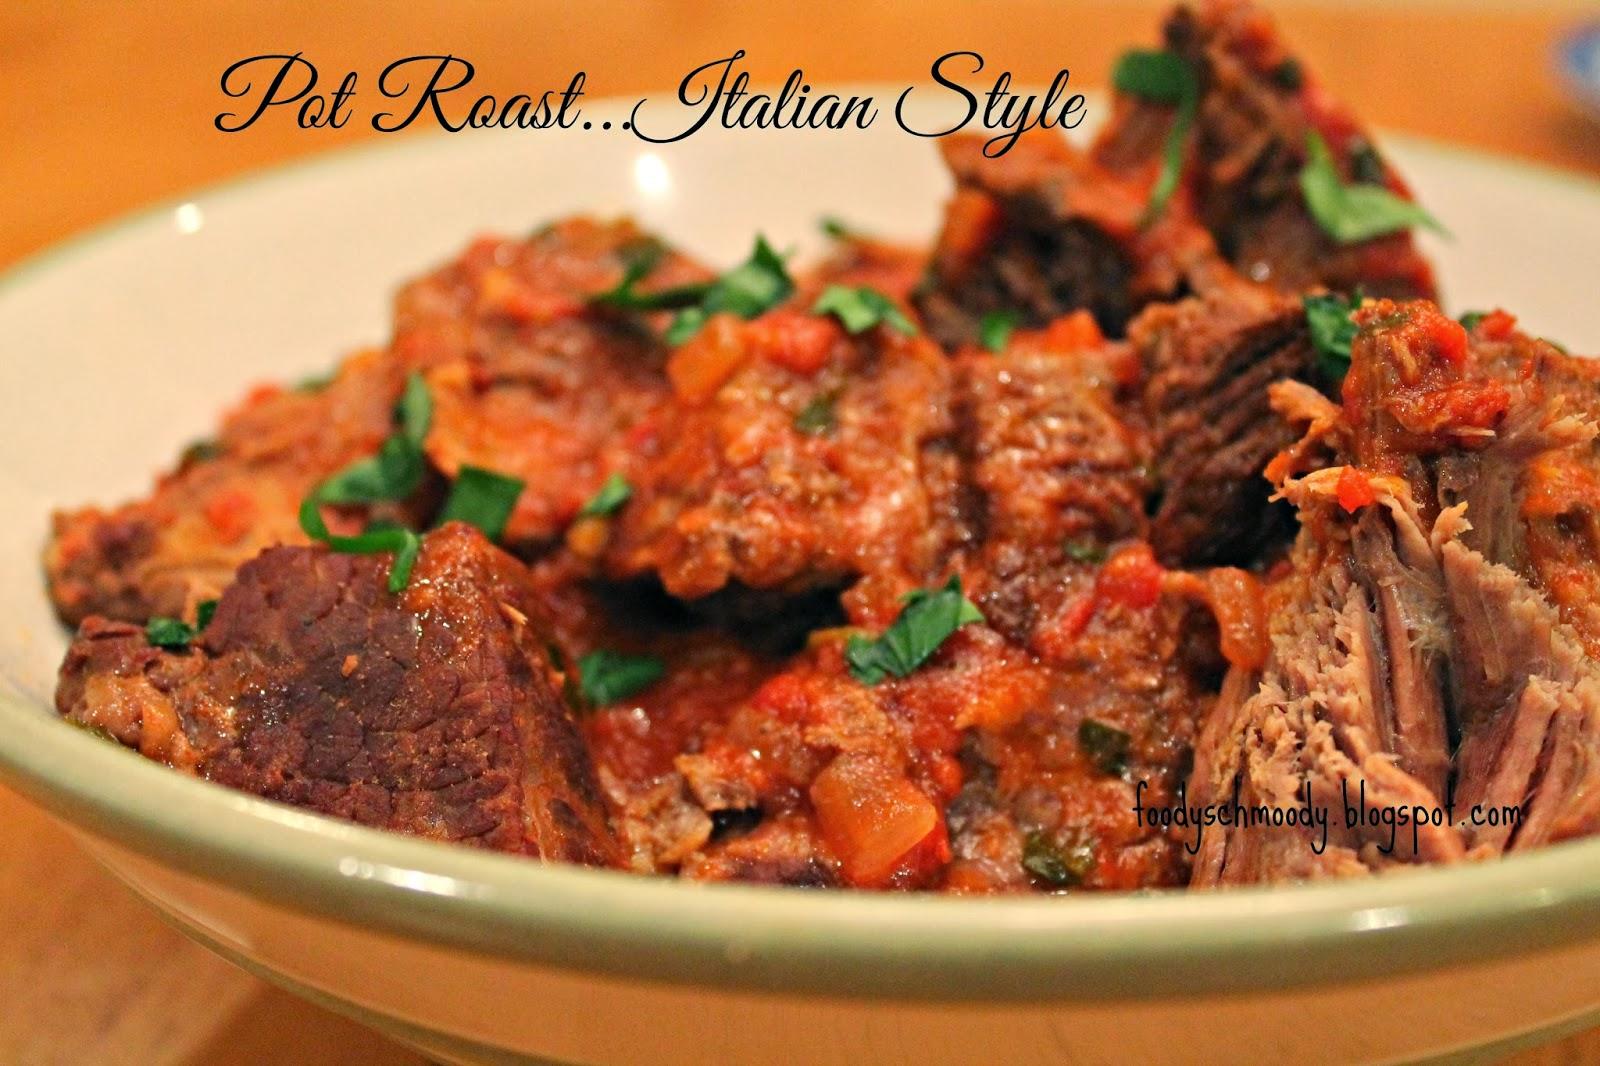 ... italian style omelet appetizer braised italian style pot roast